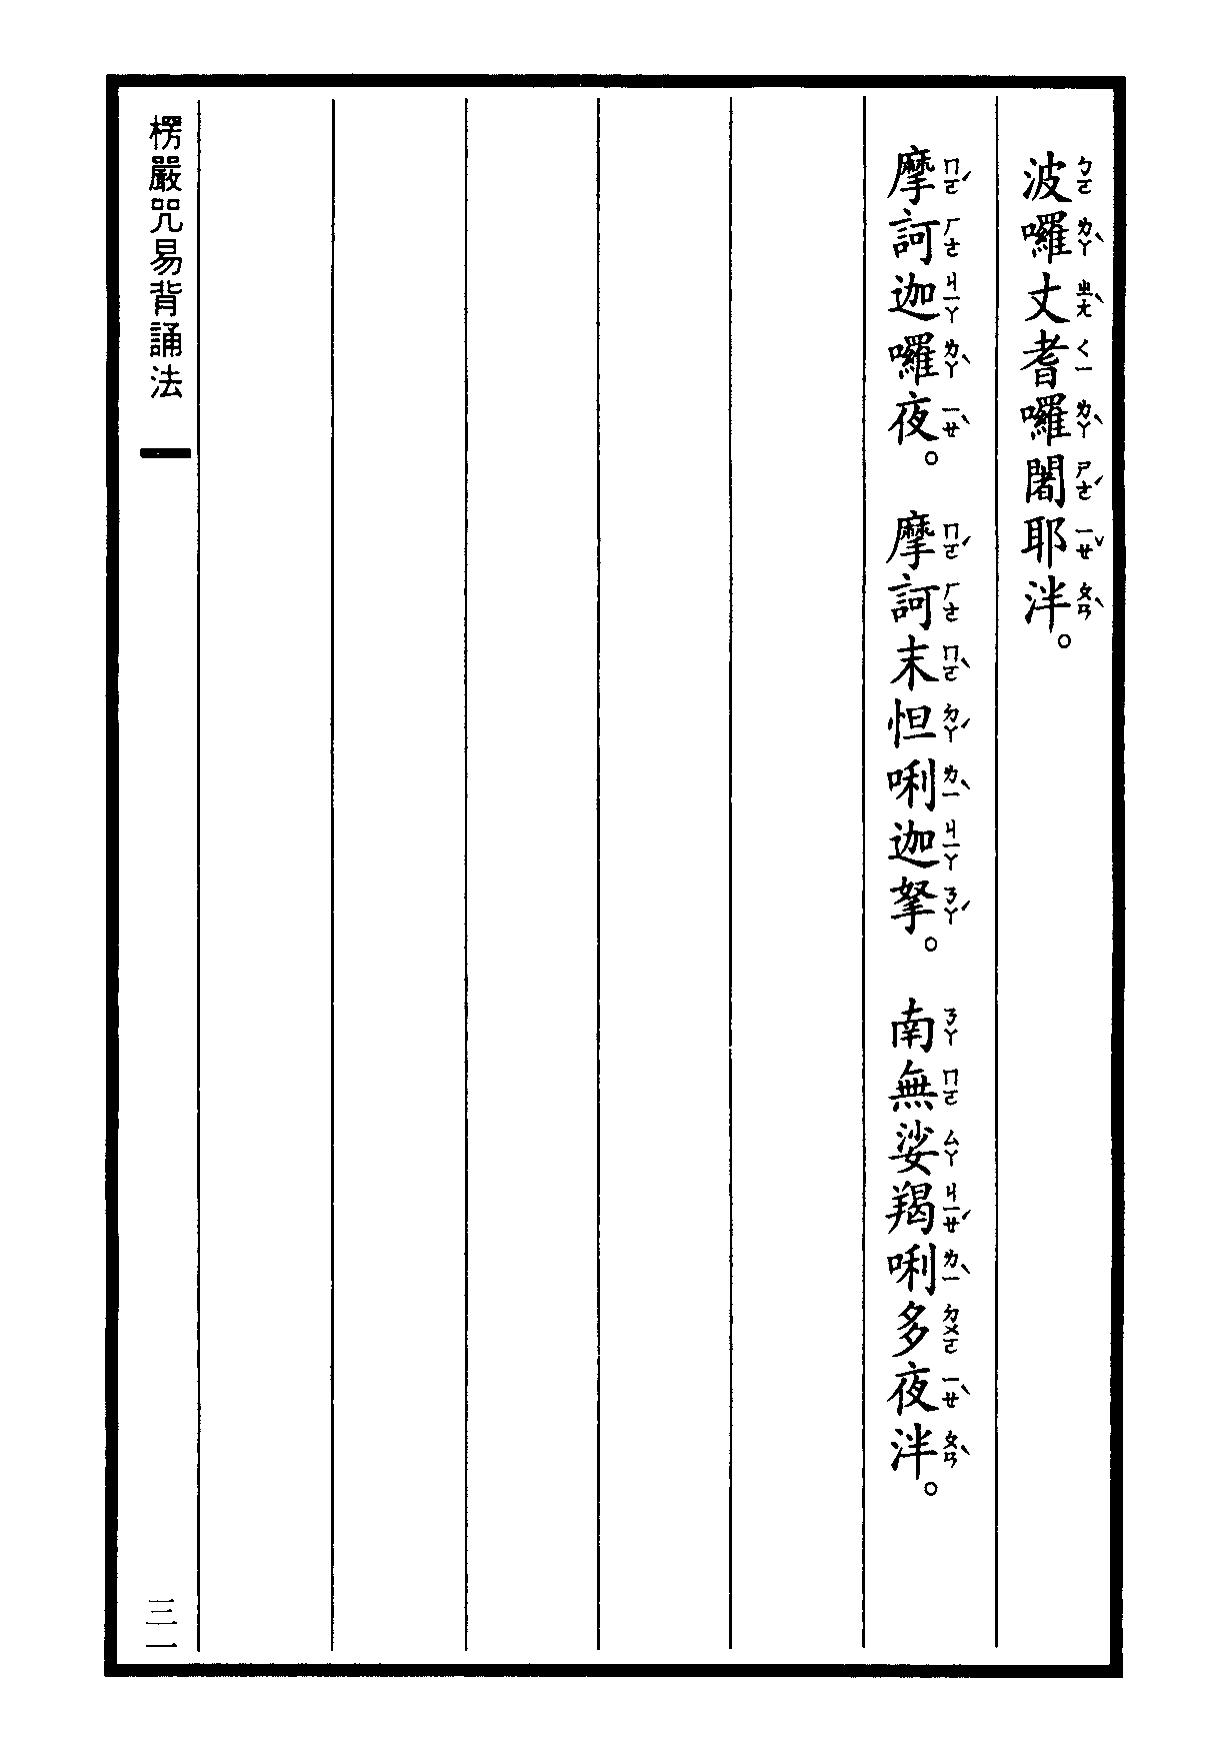 楞嚴咒-大悲咒-十小咒-易背本 37.png